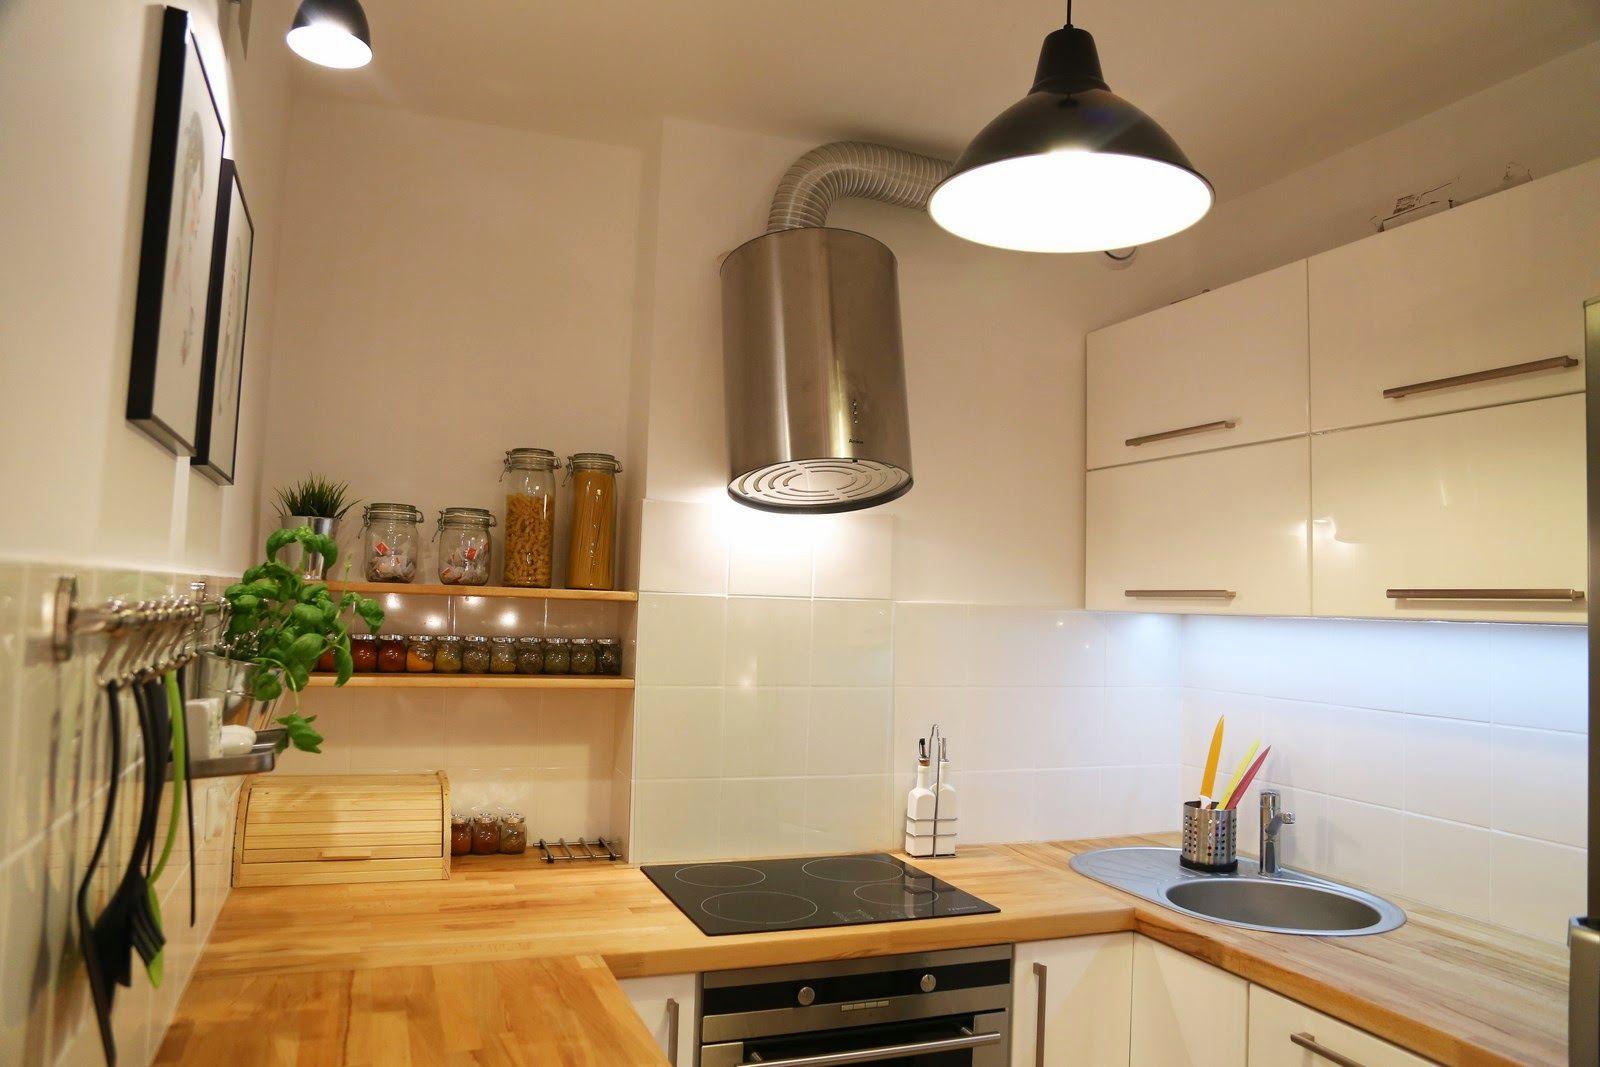 Kuchnia Z Blatem W Kolorze Szukaj W Google Kitchen Breakfast Bar Home Decor